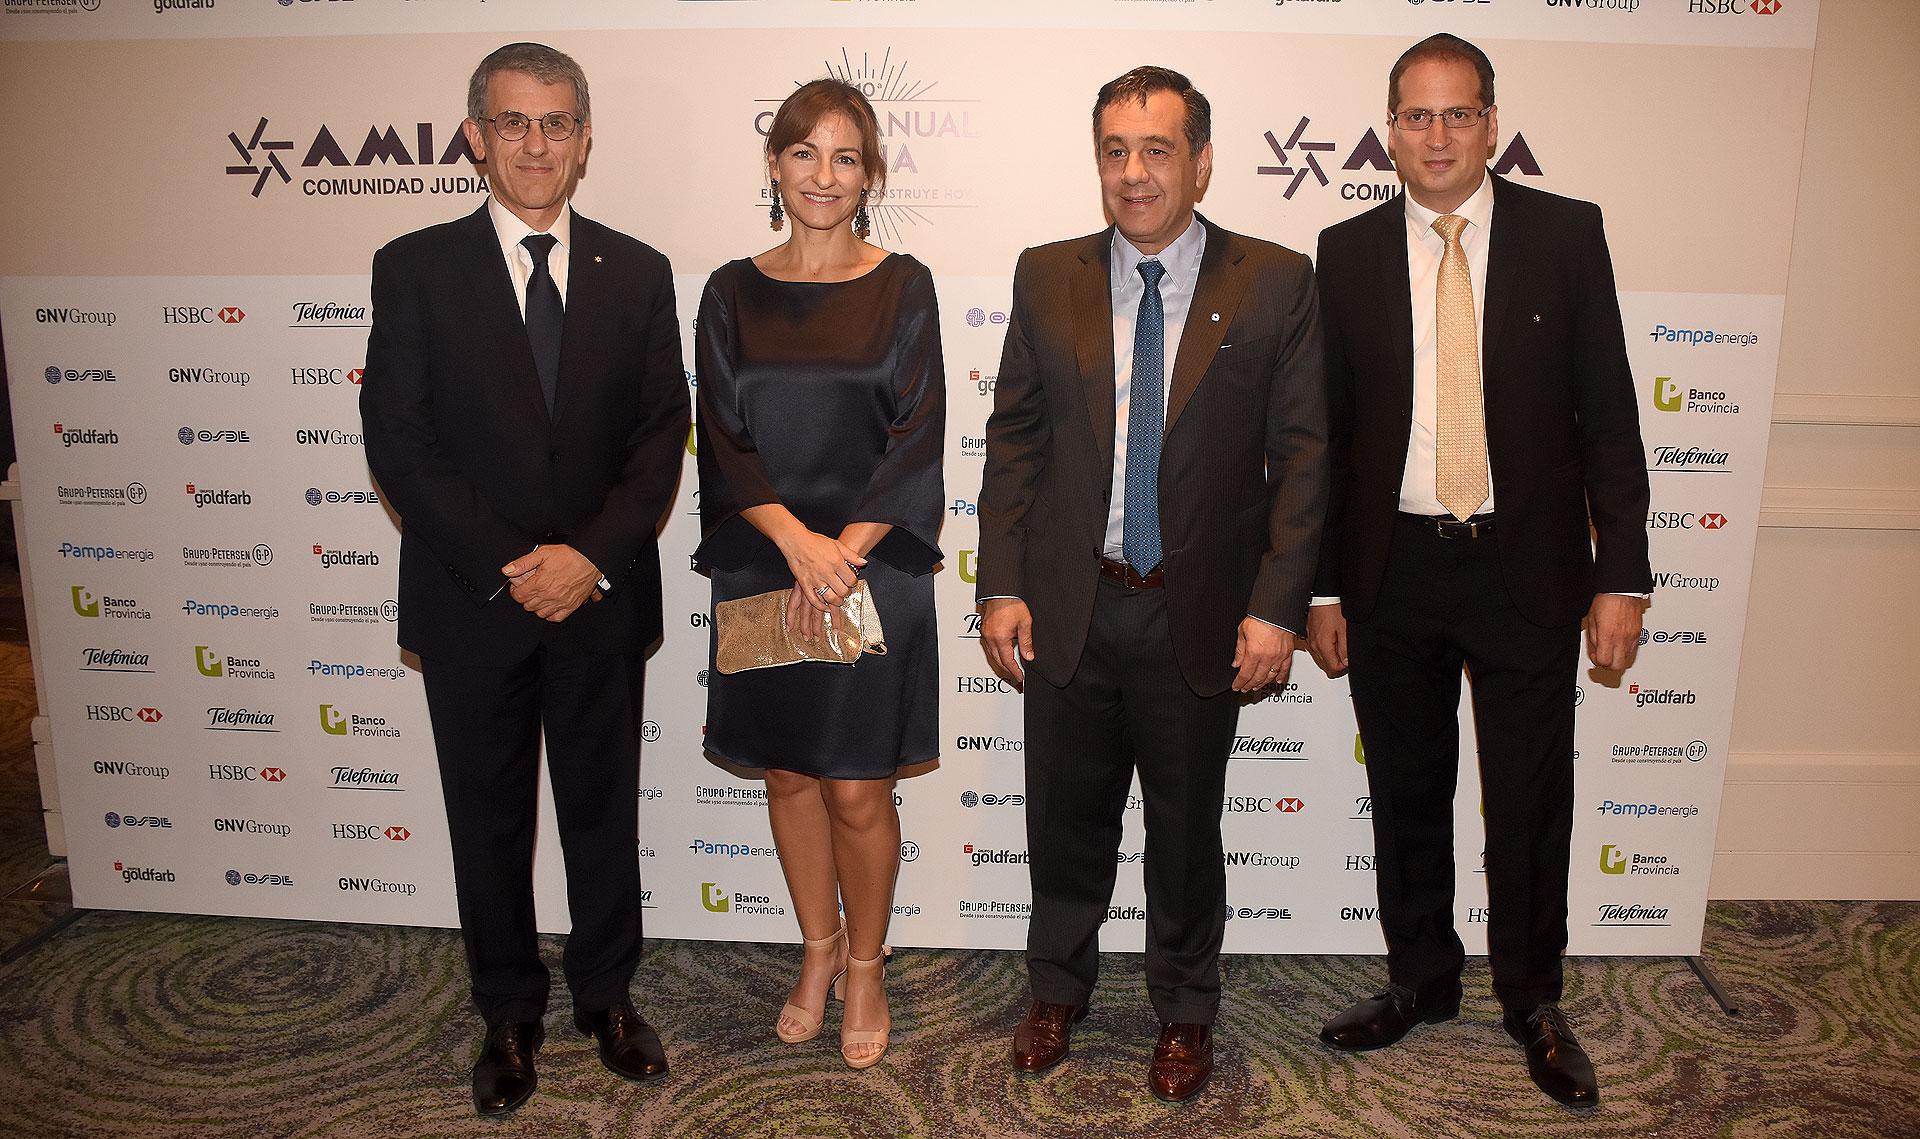 La ministra de Educación porteña, Soledad Acuña, y el ministro de Educación, Alejandro Finocchiaro